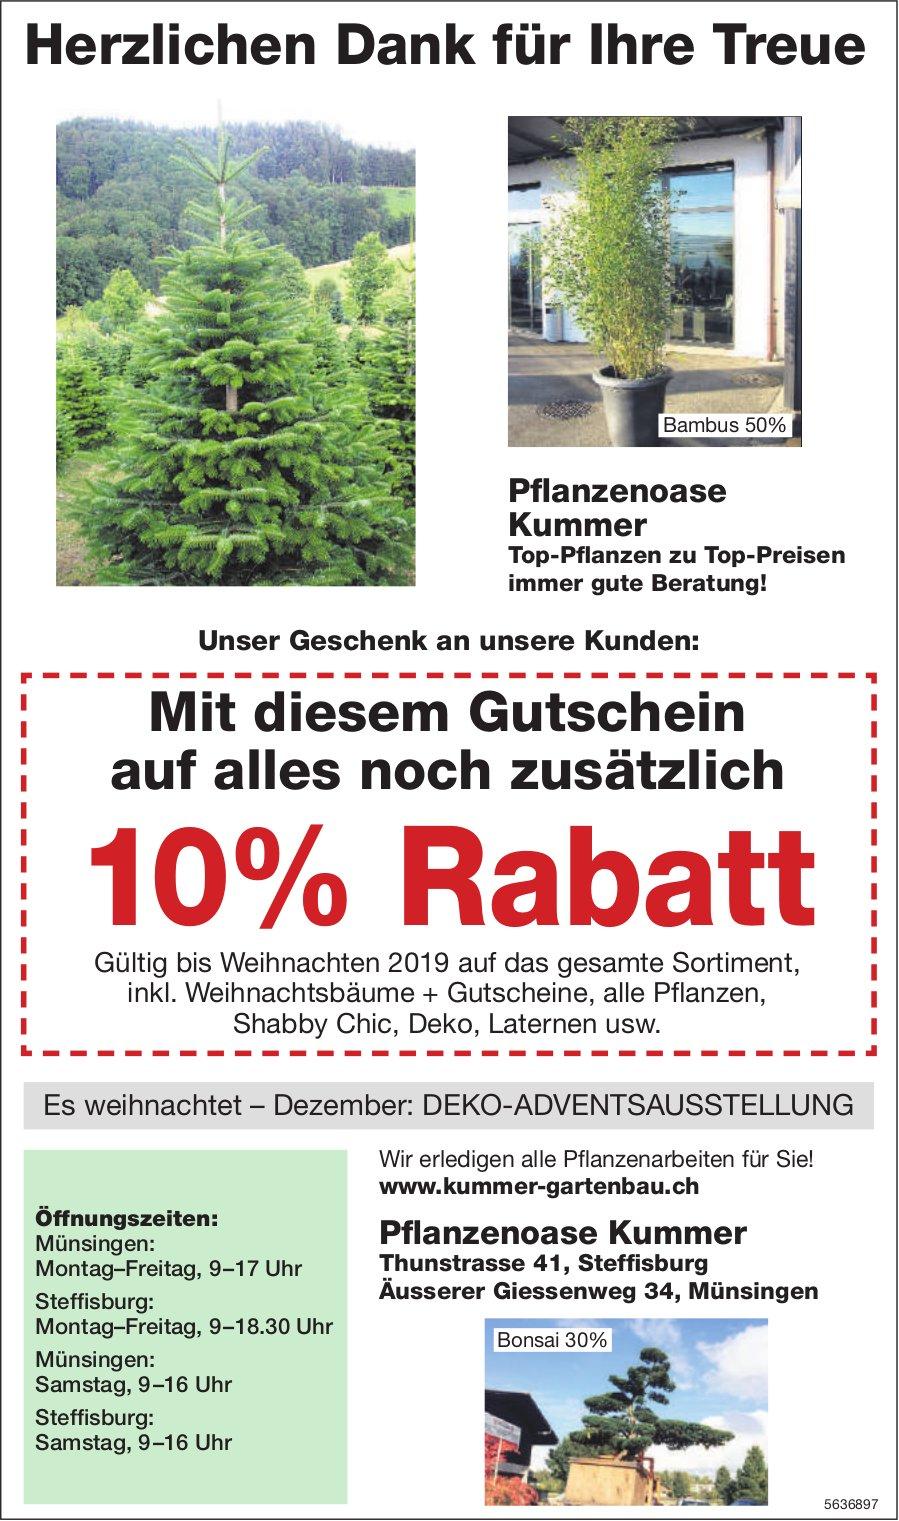 Pflanzenoase Kummer - Herzlichen Dank für Ihre Treue/Gutschein auf alles noch zusätzlich 10% Rabatt